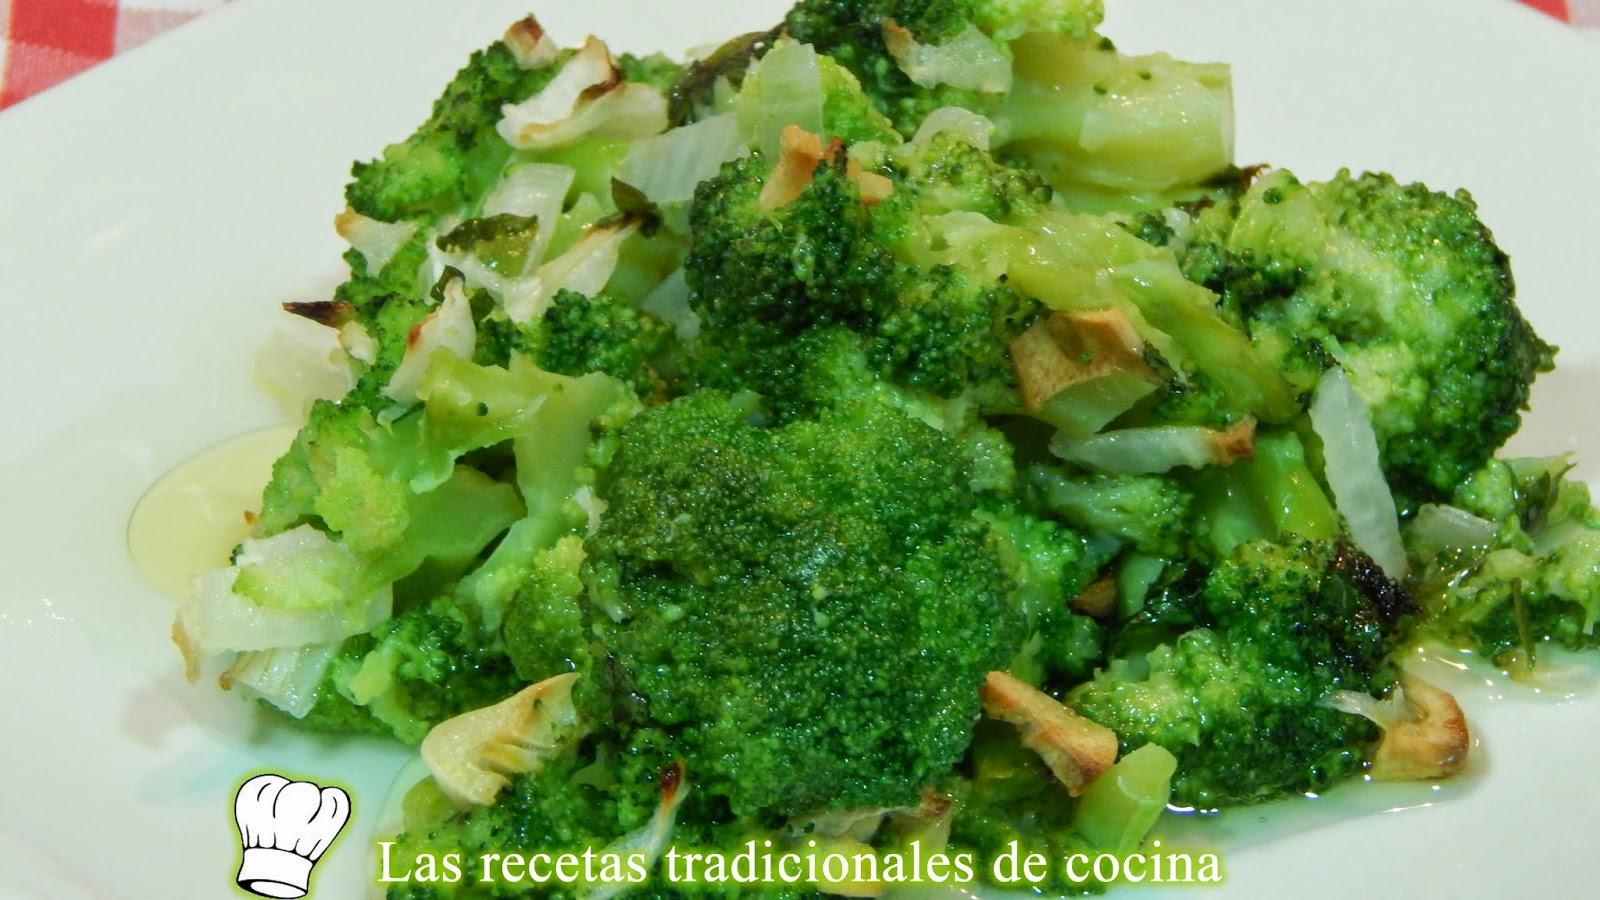 Recetas De Cocina Con Brocoli | Receta Facil De Brocoli A La Provenzal Recetas De Cocina Con